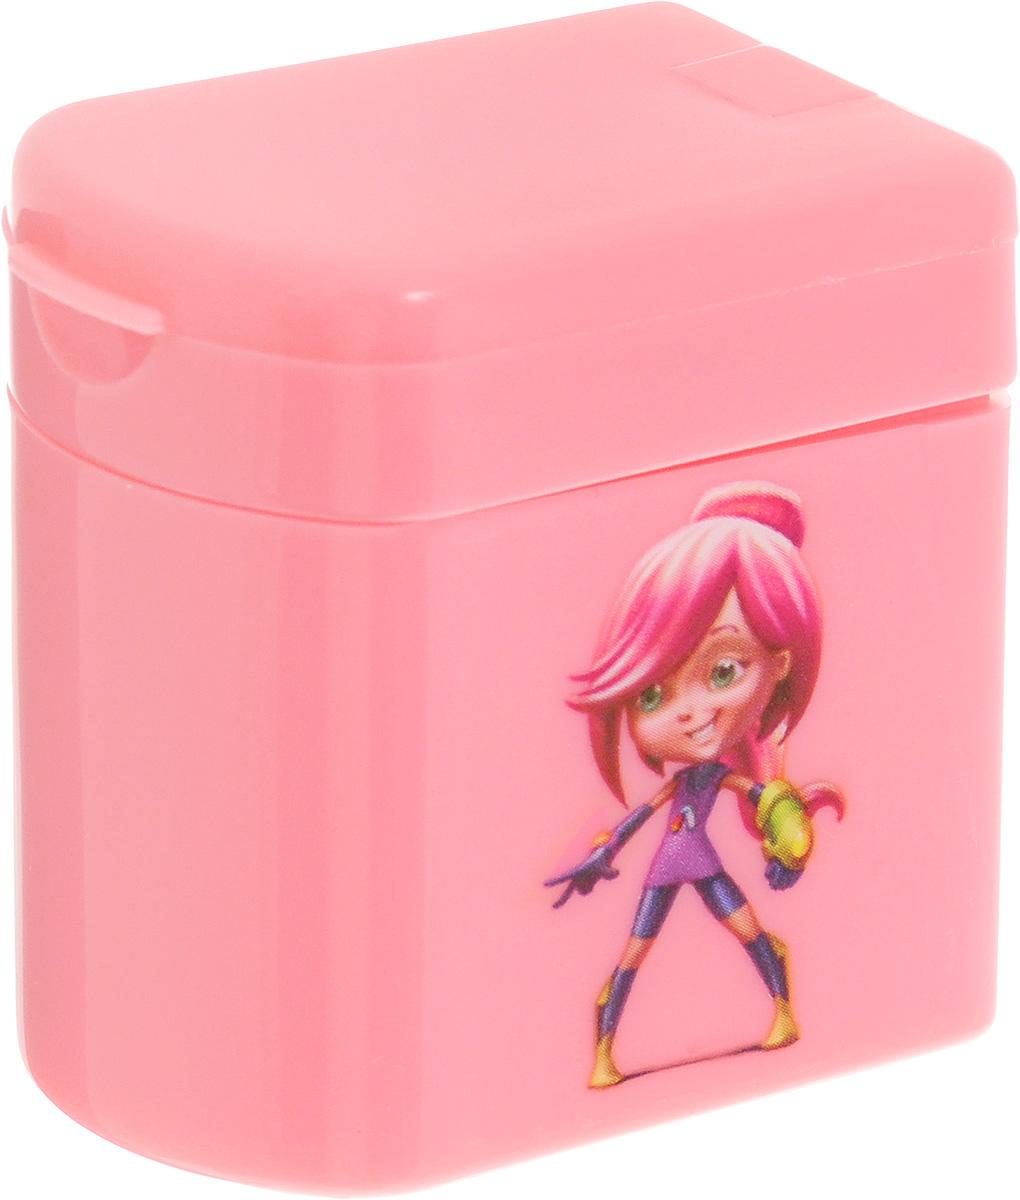 Adel Точилка для карандашей Adeland цвет розовый426-0607-100_розовыйТочилка для карандашей Adeland хорошо точит цветные и простые карандаши. Она пригодится любому студенту или школьнику. Точилка оснащена двумя отверстиями разного диаметра и не повреждает поверхность карандаша при заточке. Точилка выполнена в виде яркой коробочки с изображением героев мультфильма Adeland. Крышка коробочки открывается, емкость под стружку легко отделяется от корпуса.